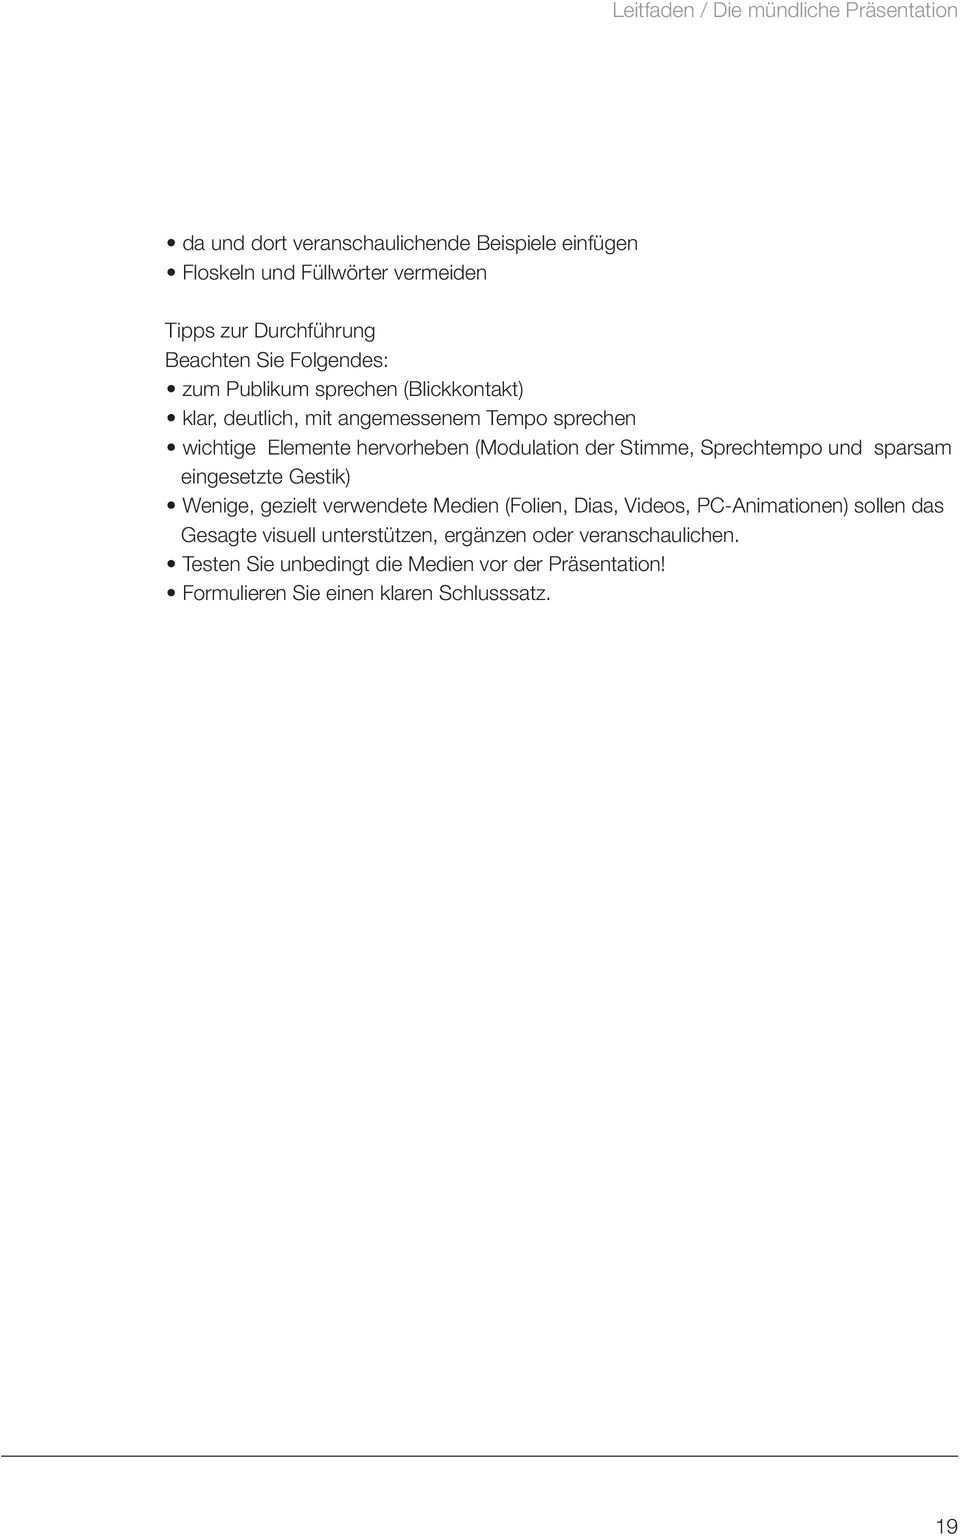 Die Schriftliche Maturaarbeit Pdf Kostenfreier Download